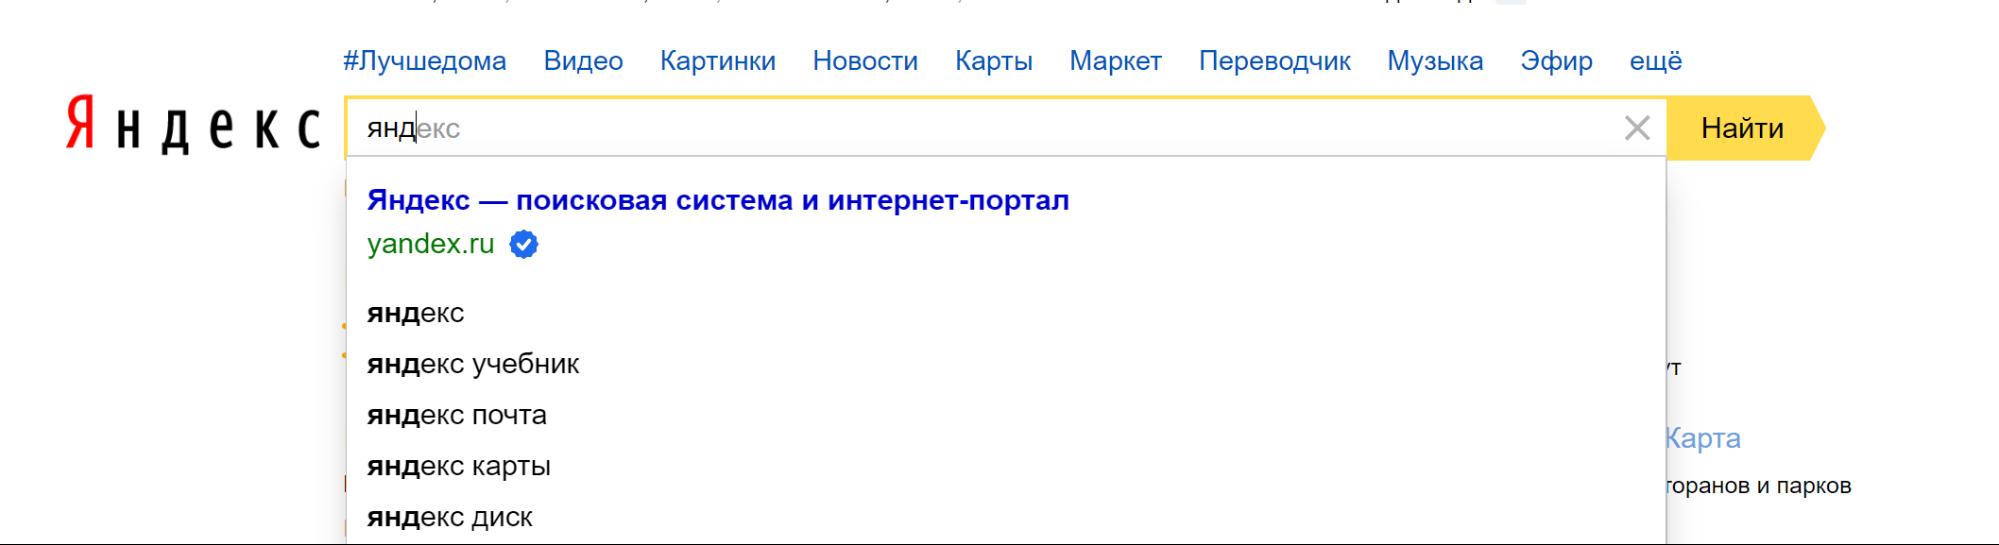 Подсказки в поиске Яндекса